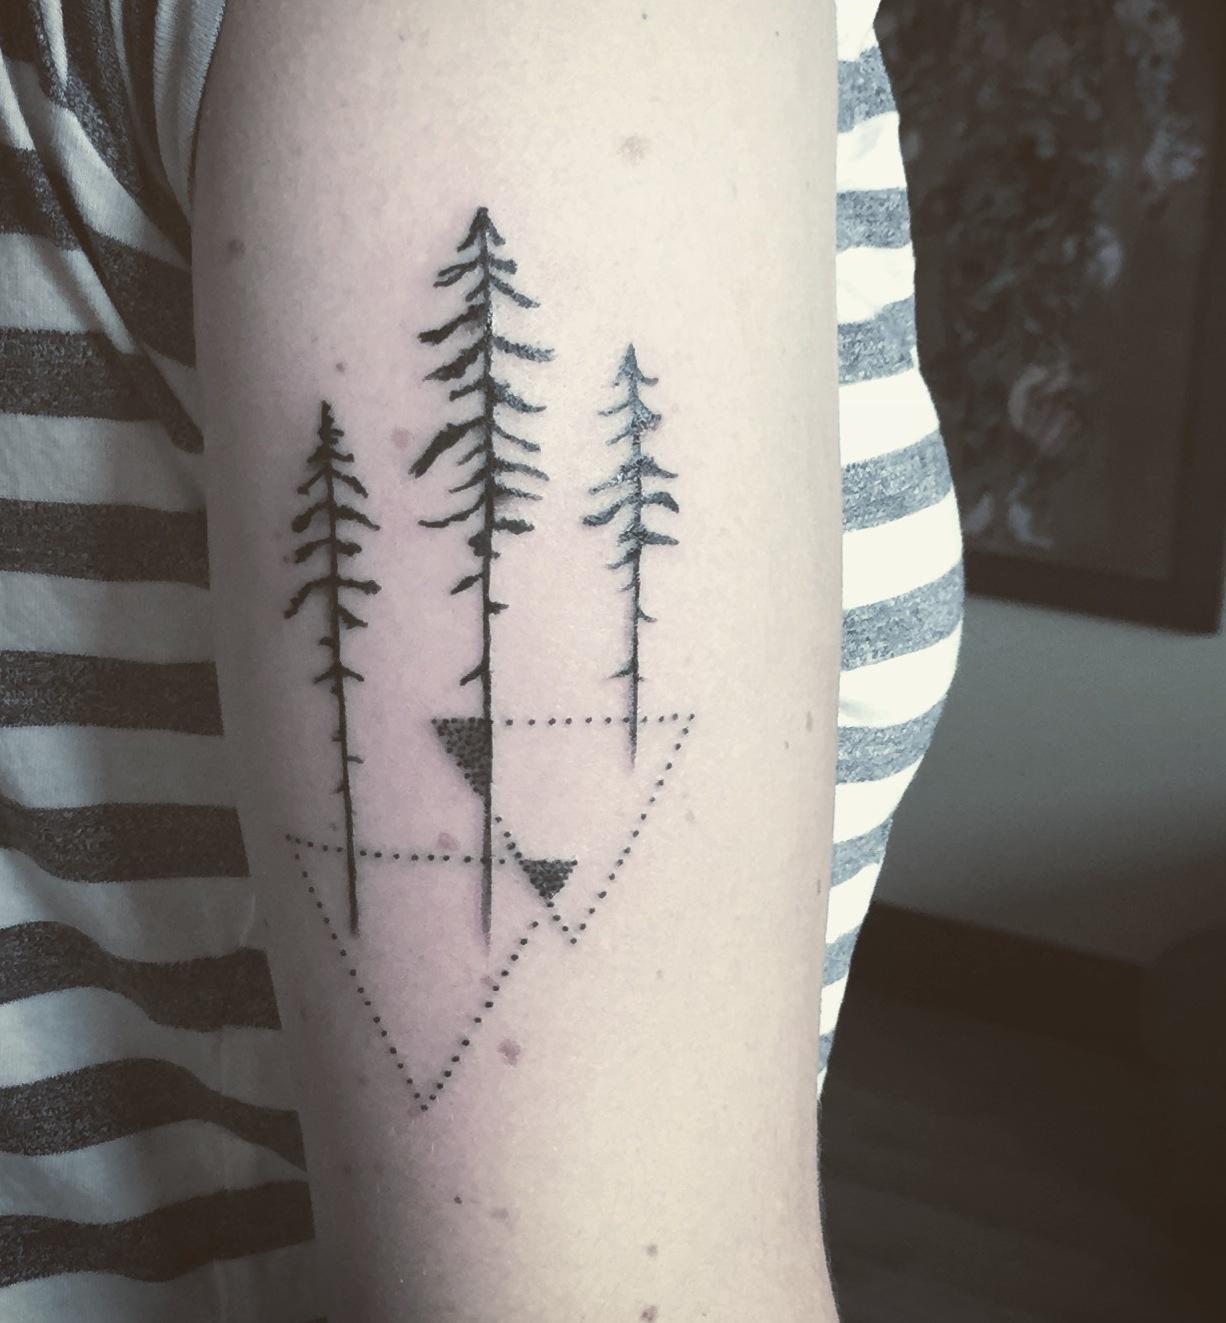 geom-trees-tattoo.jpg